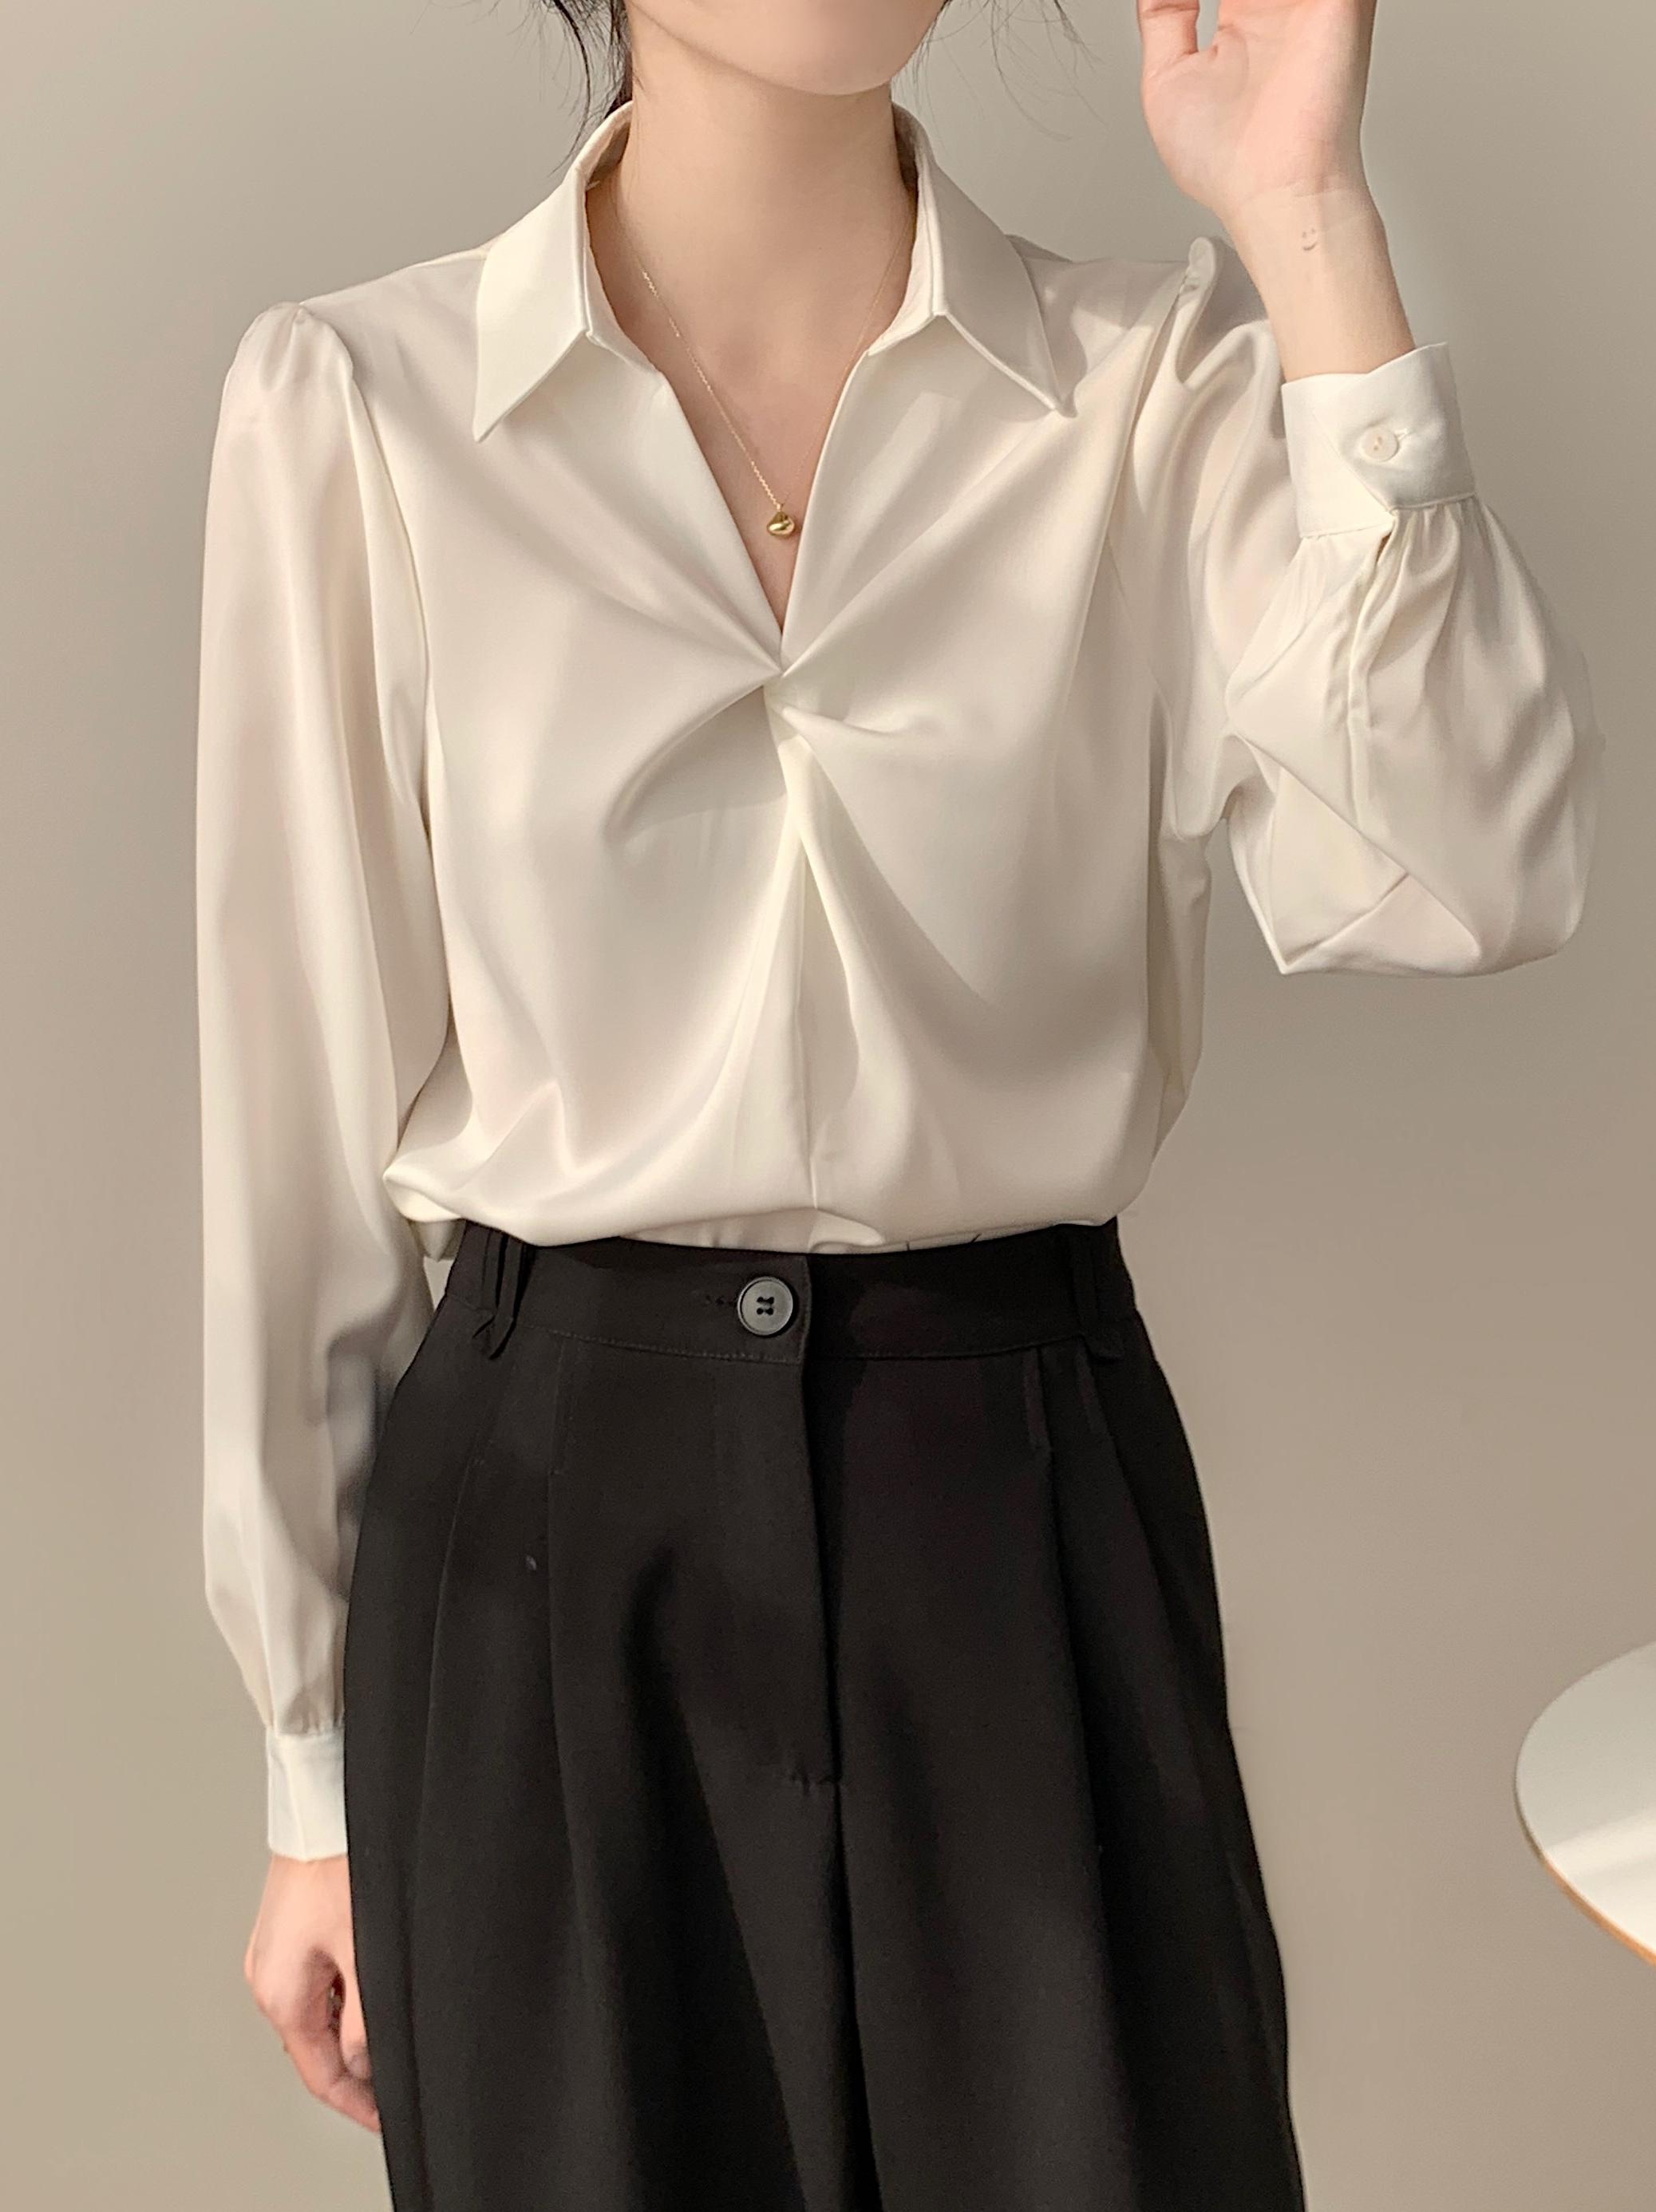 白色襯衫女設計感小眾2021年春秋新款雪紡上衣通勤面試正裝襯衣